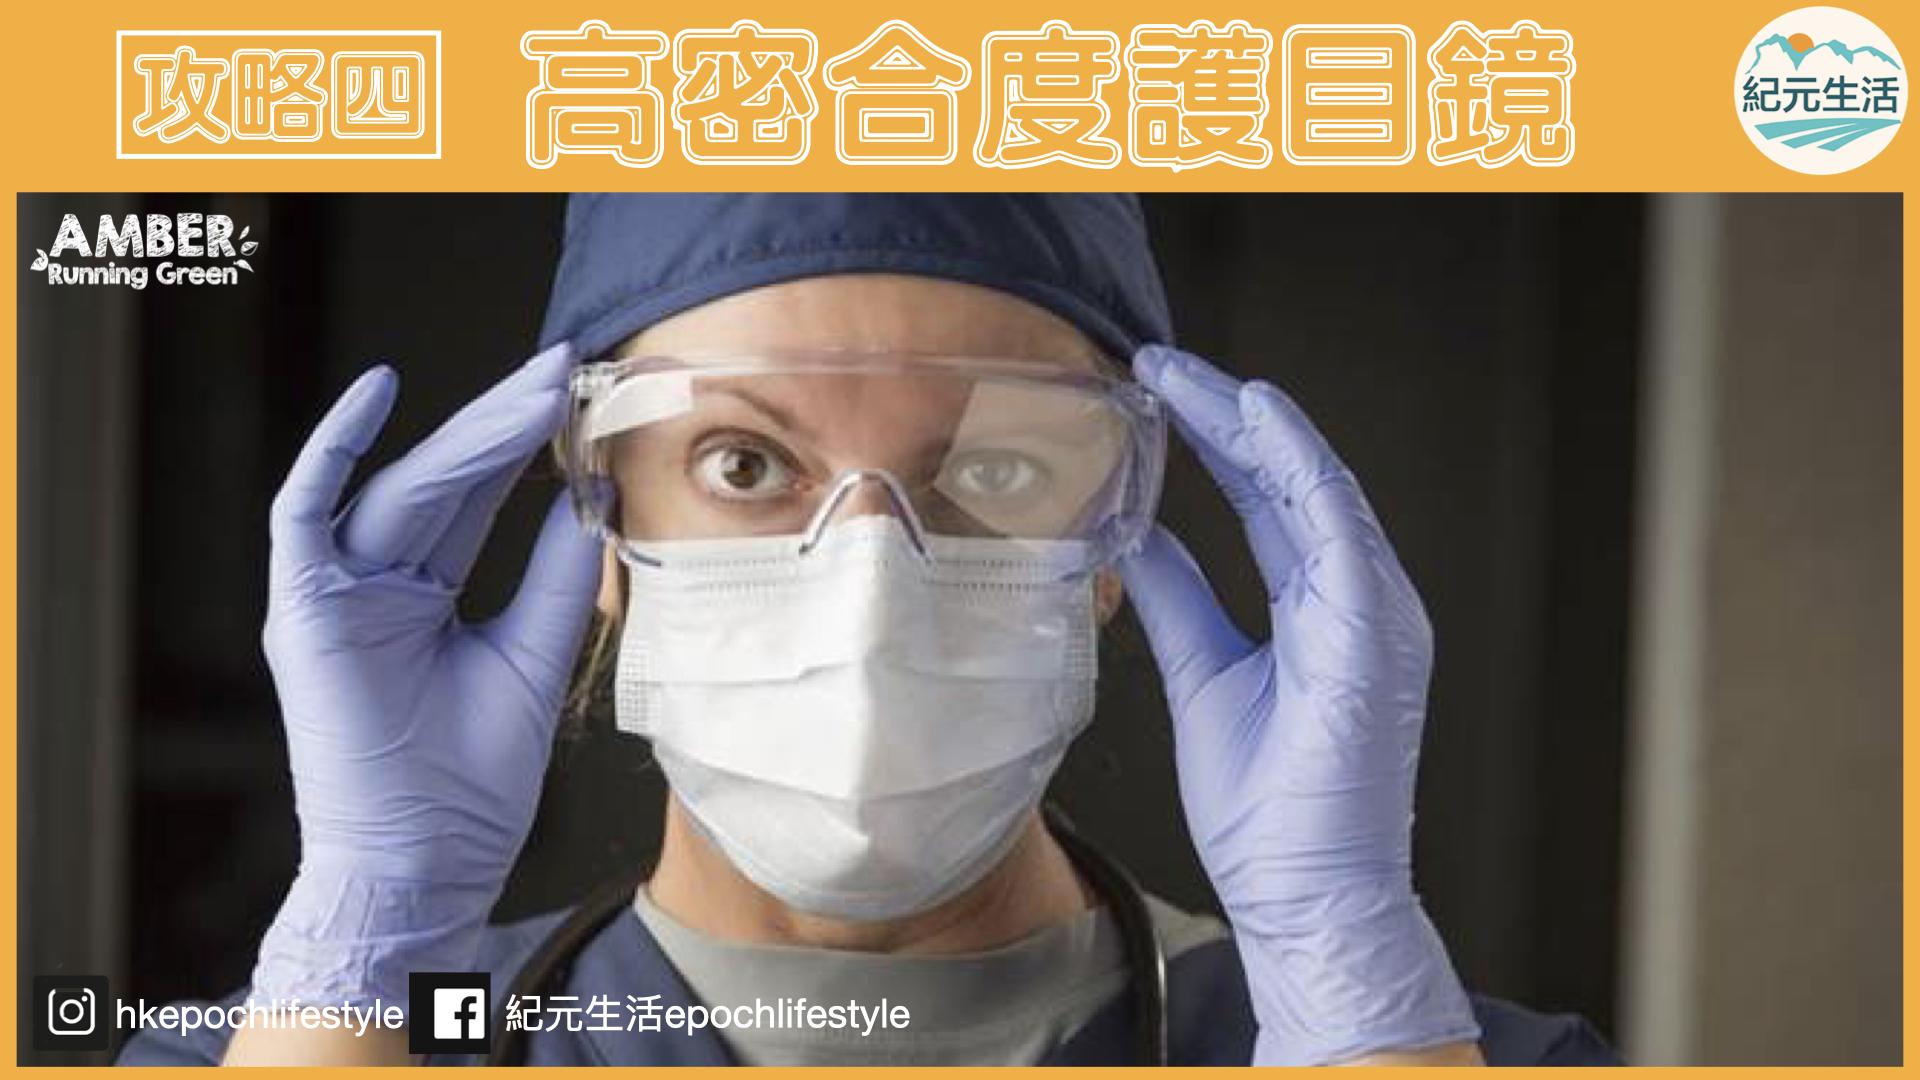 護目鏡主要是避免眼睛粘膜受到感染,特別是在密集人群的地方,高密合度的護目鏡加口罩,防護力就夠了。